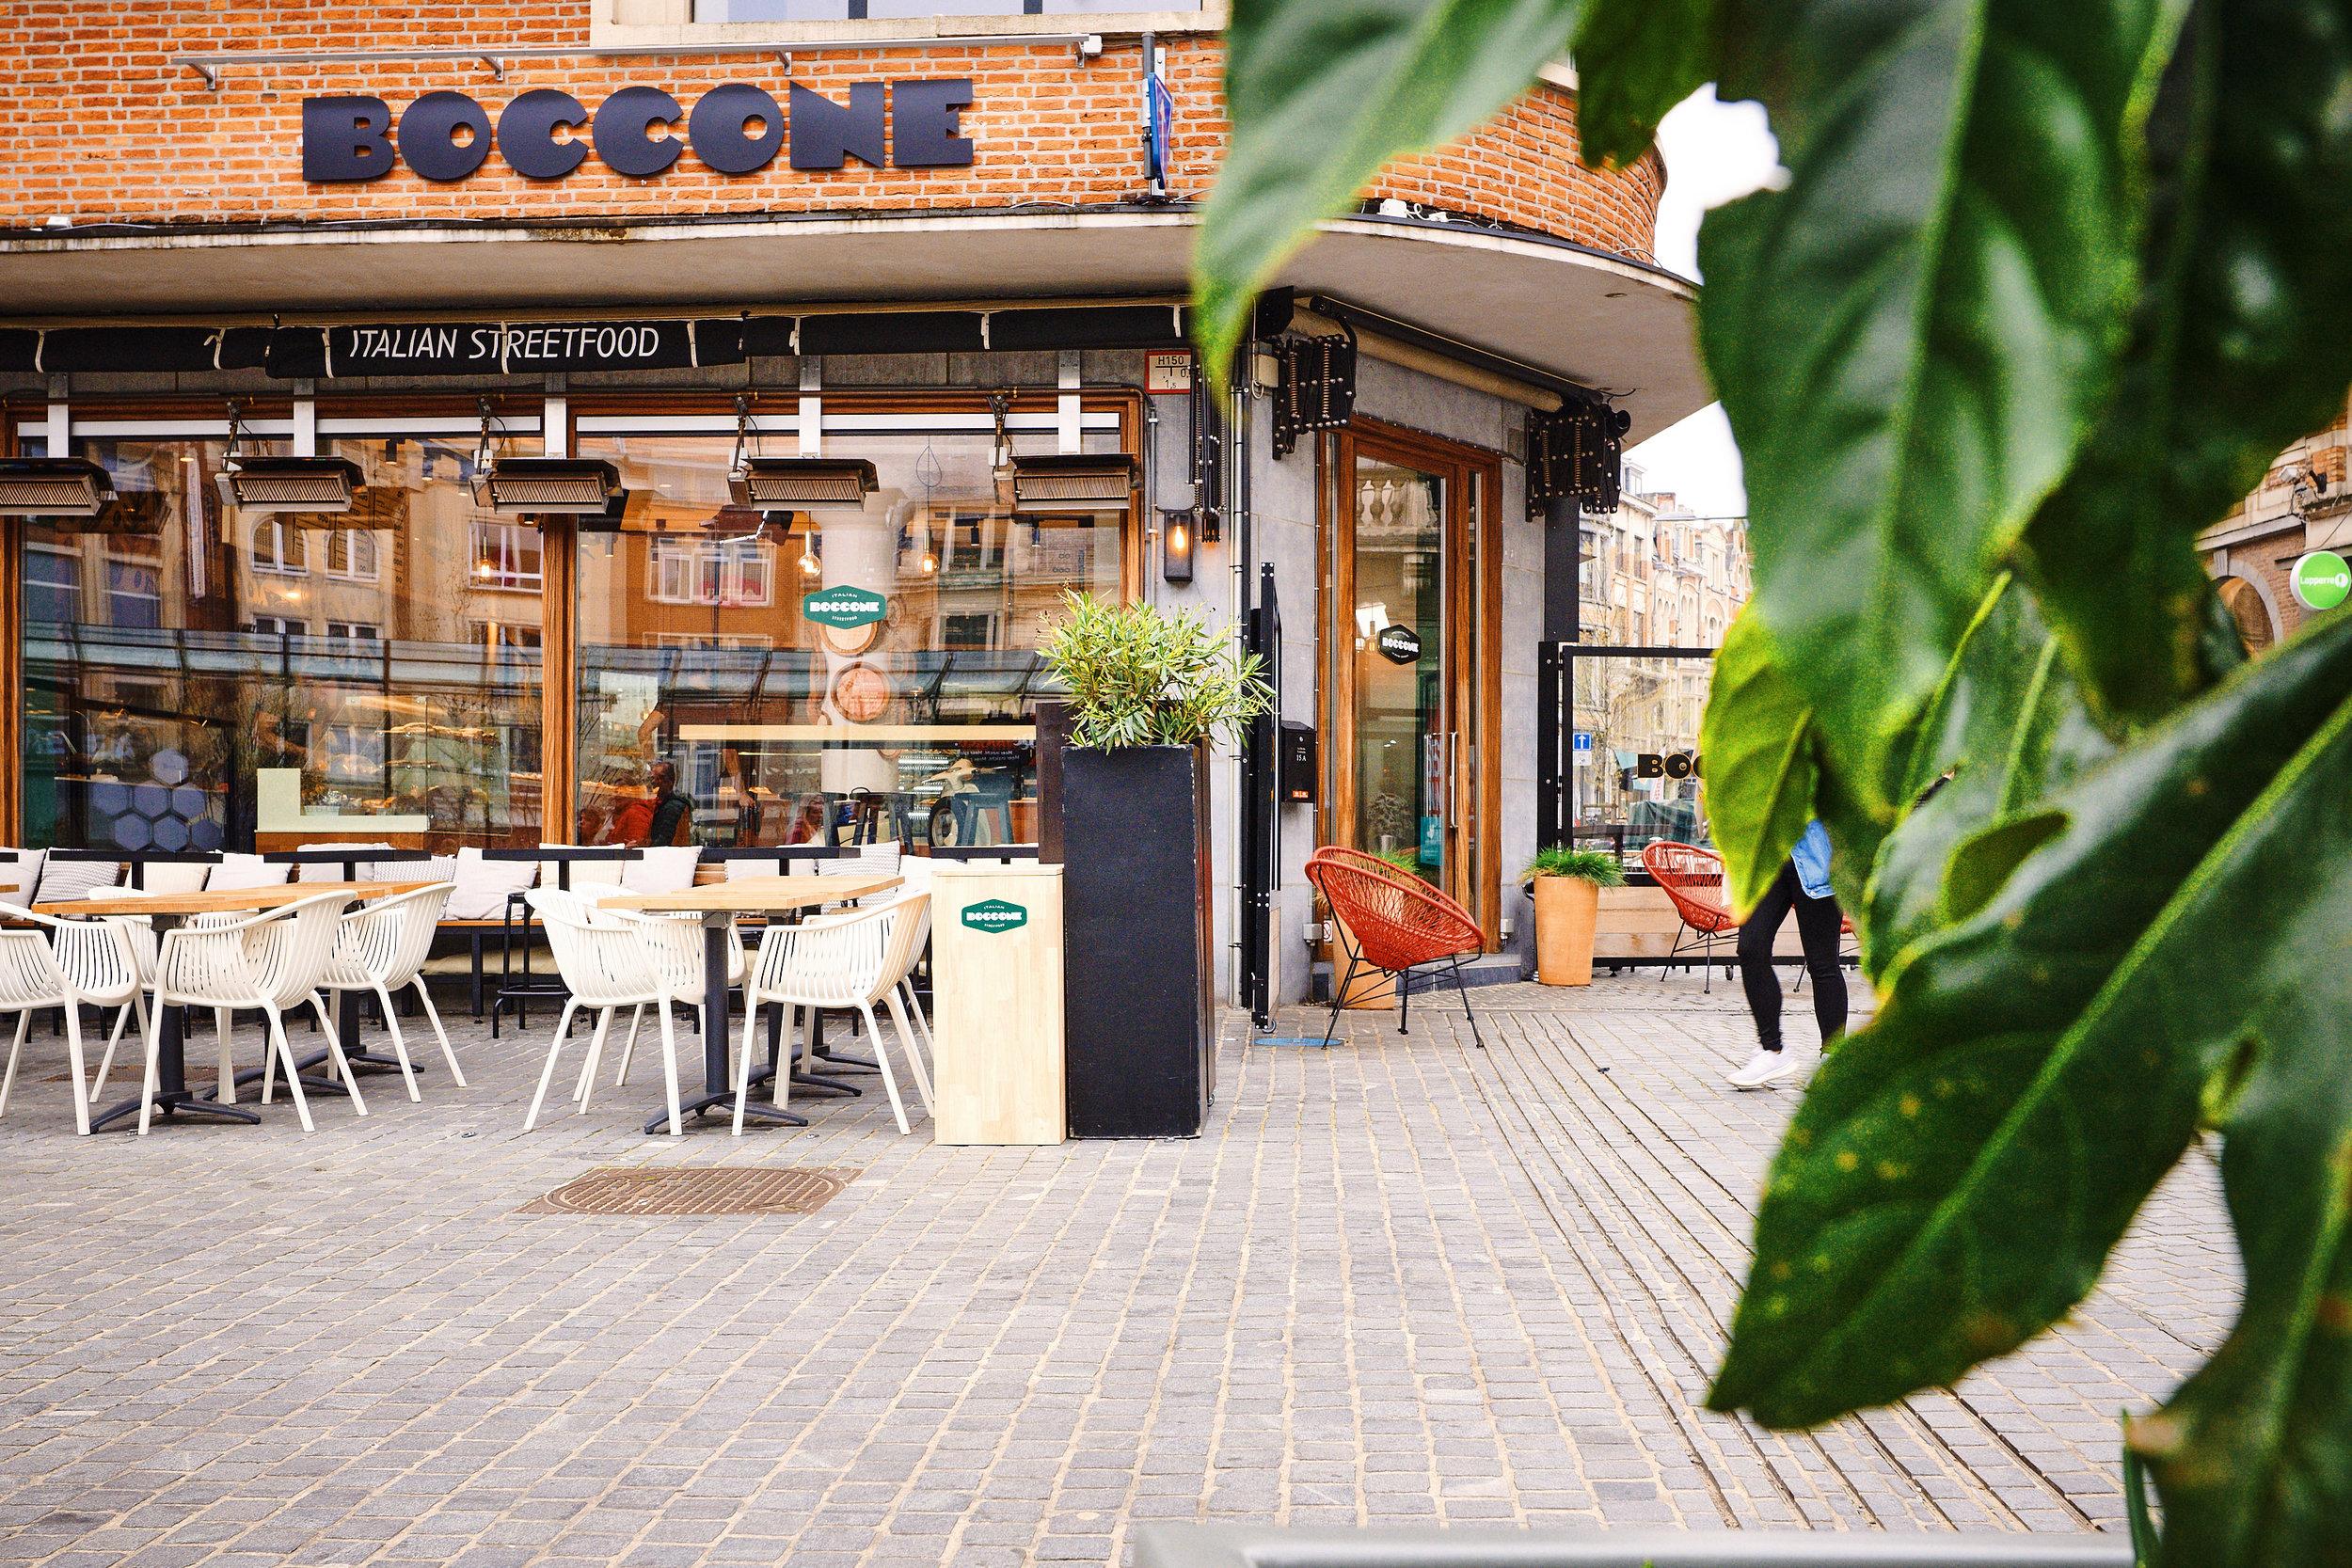 ww_boccone_032019_0198.jpg